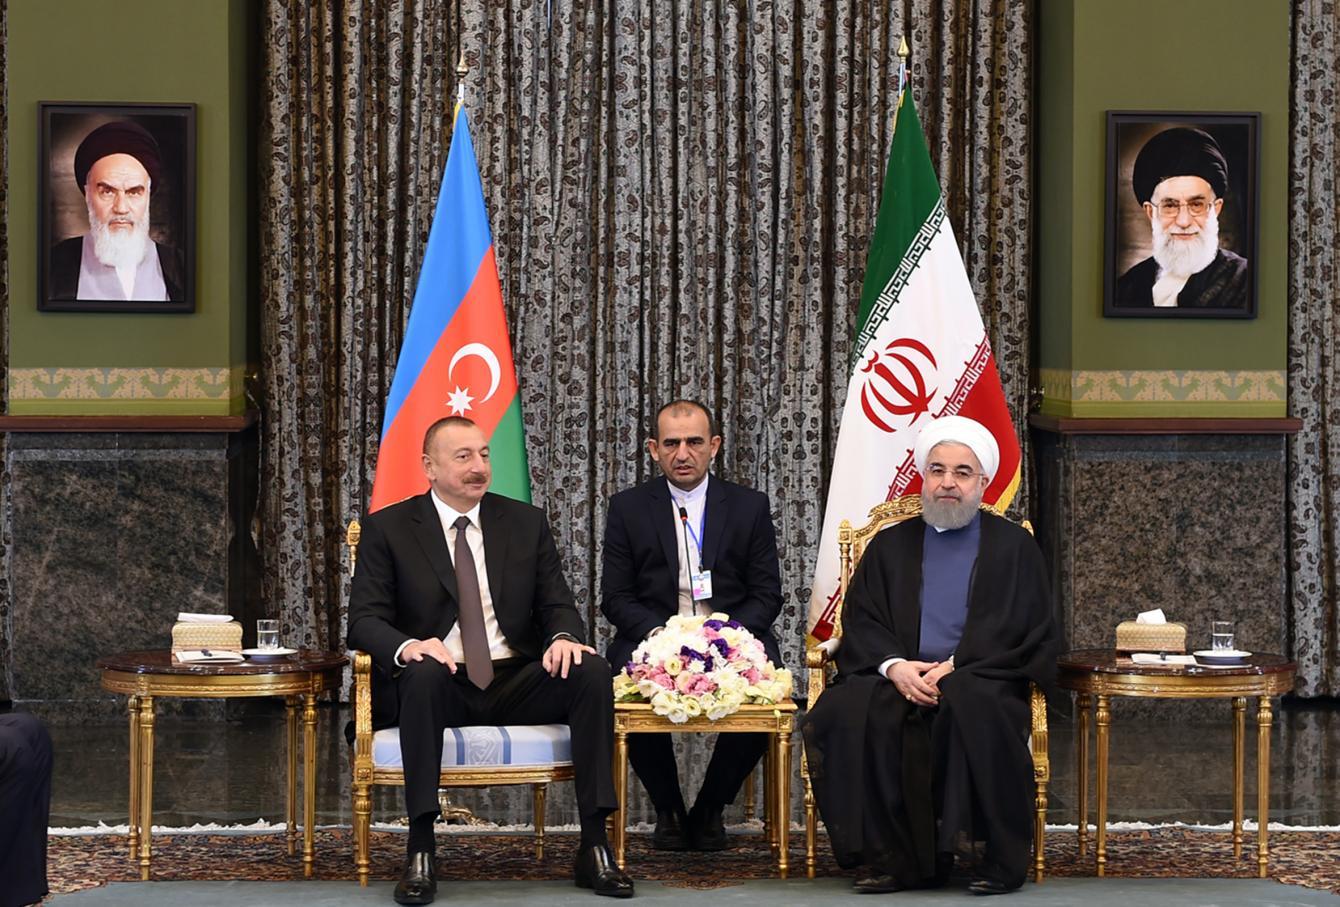 фото делегатов саммита в тегеране решение